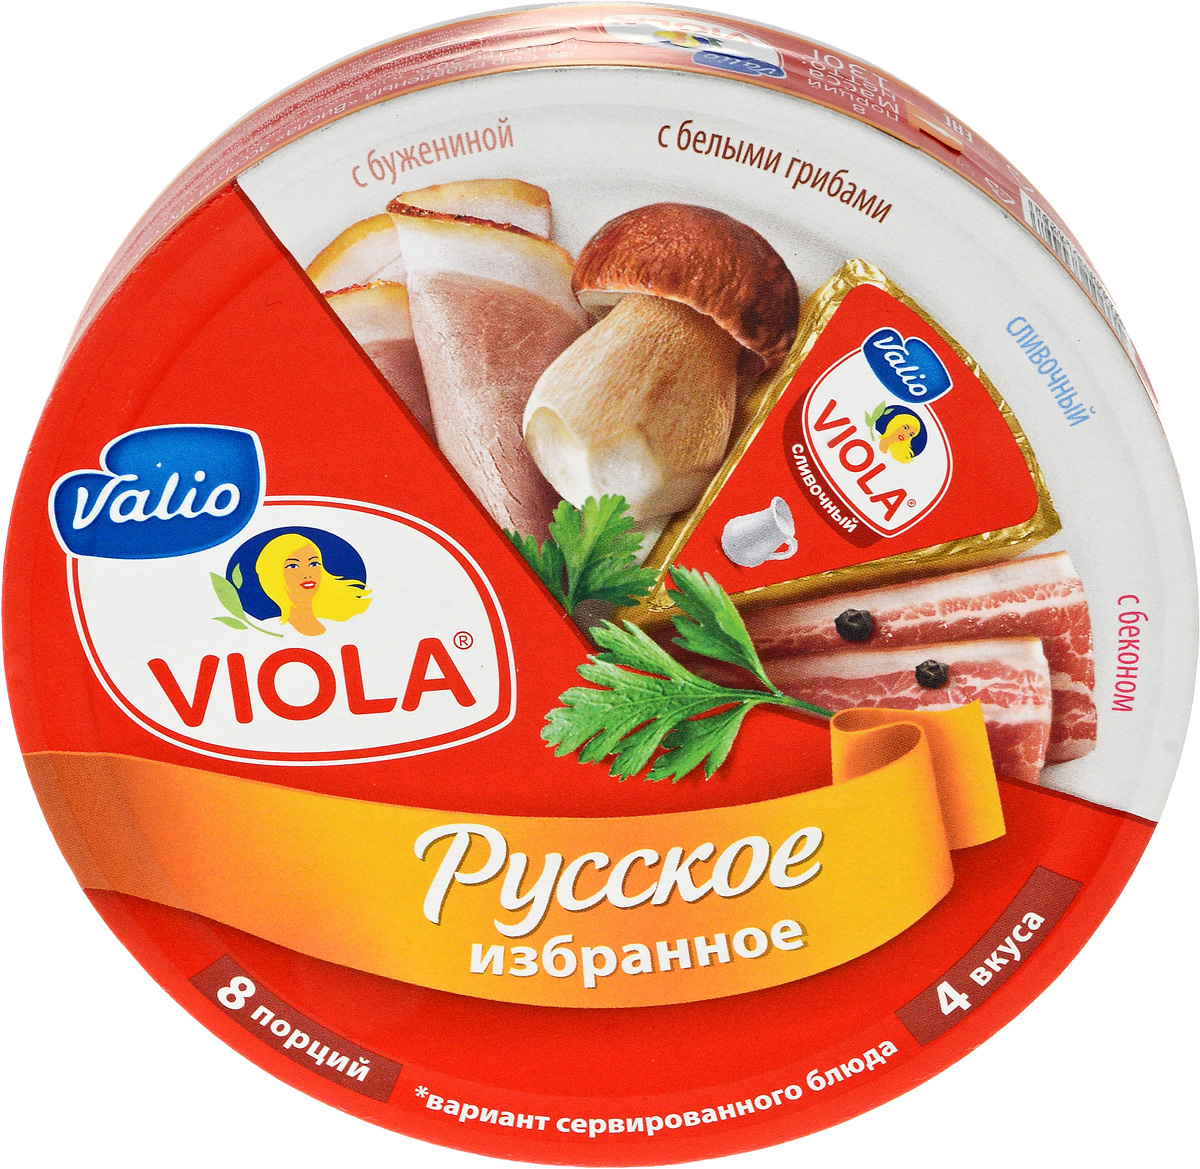 Valio Viola Сыр Русское избранное, ассорти, плавленый, 130 г valio viola сыр сливочный плавленый в ломтиках 140 г